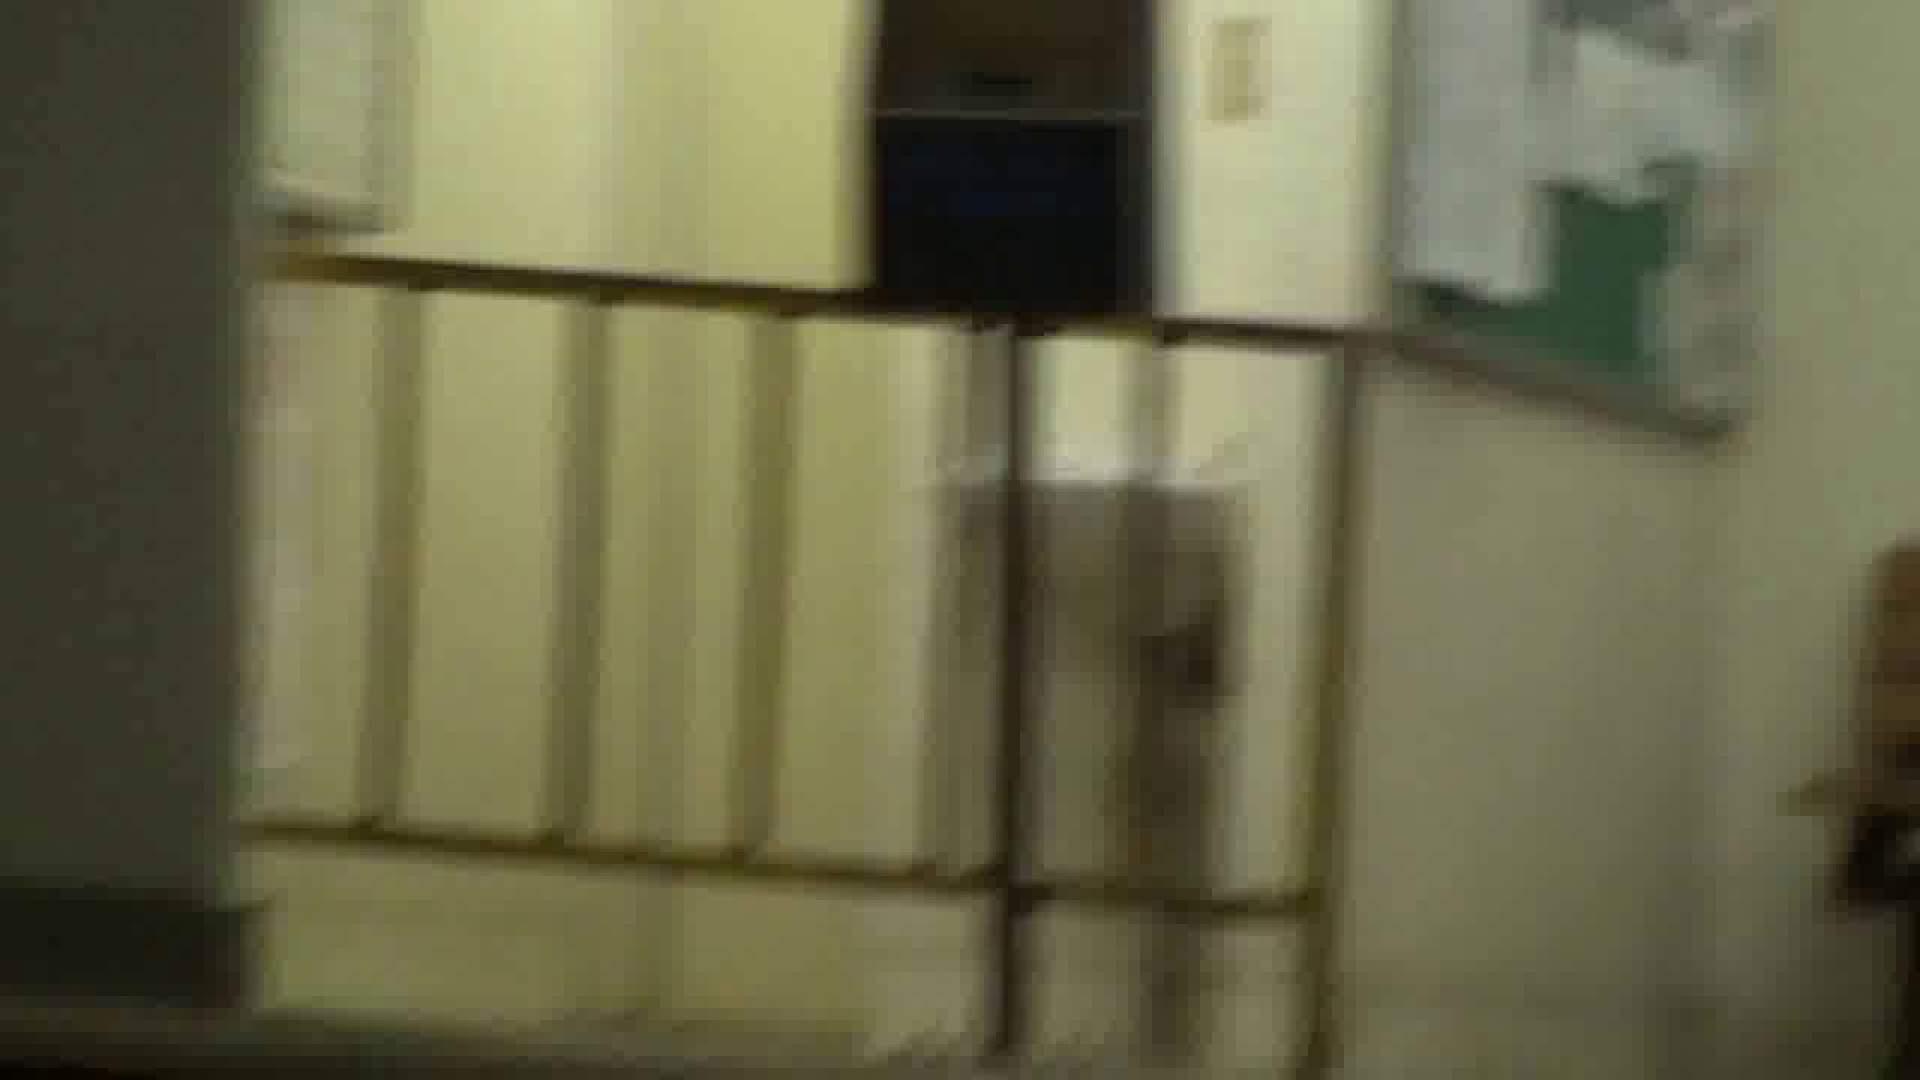 青春!制服カップルの思い出 Vol.04 カップル映像 ワレメ無修正動画無料 89PIX 4